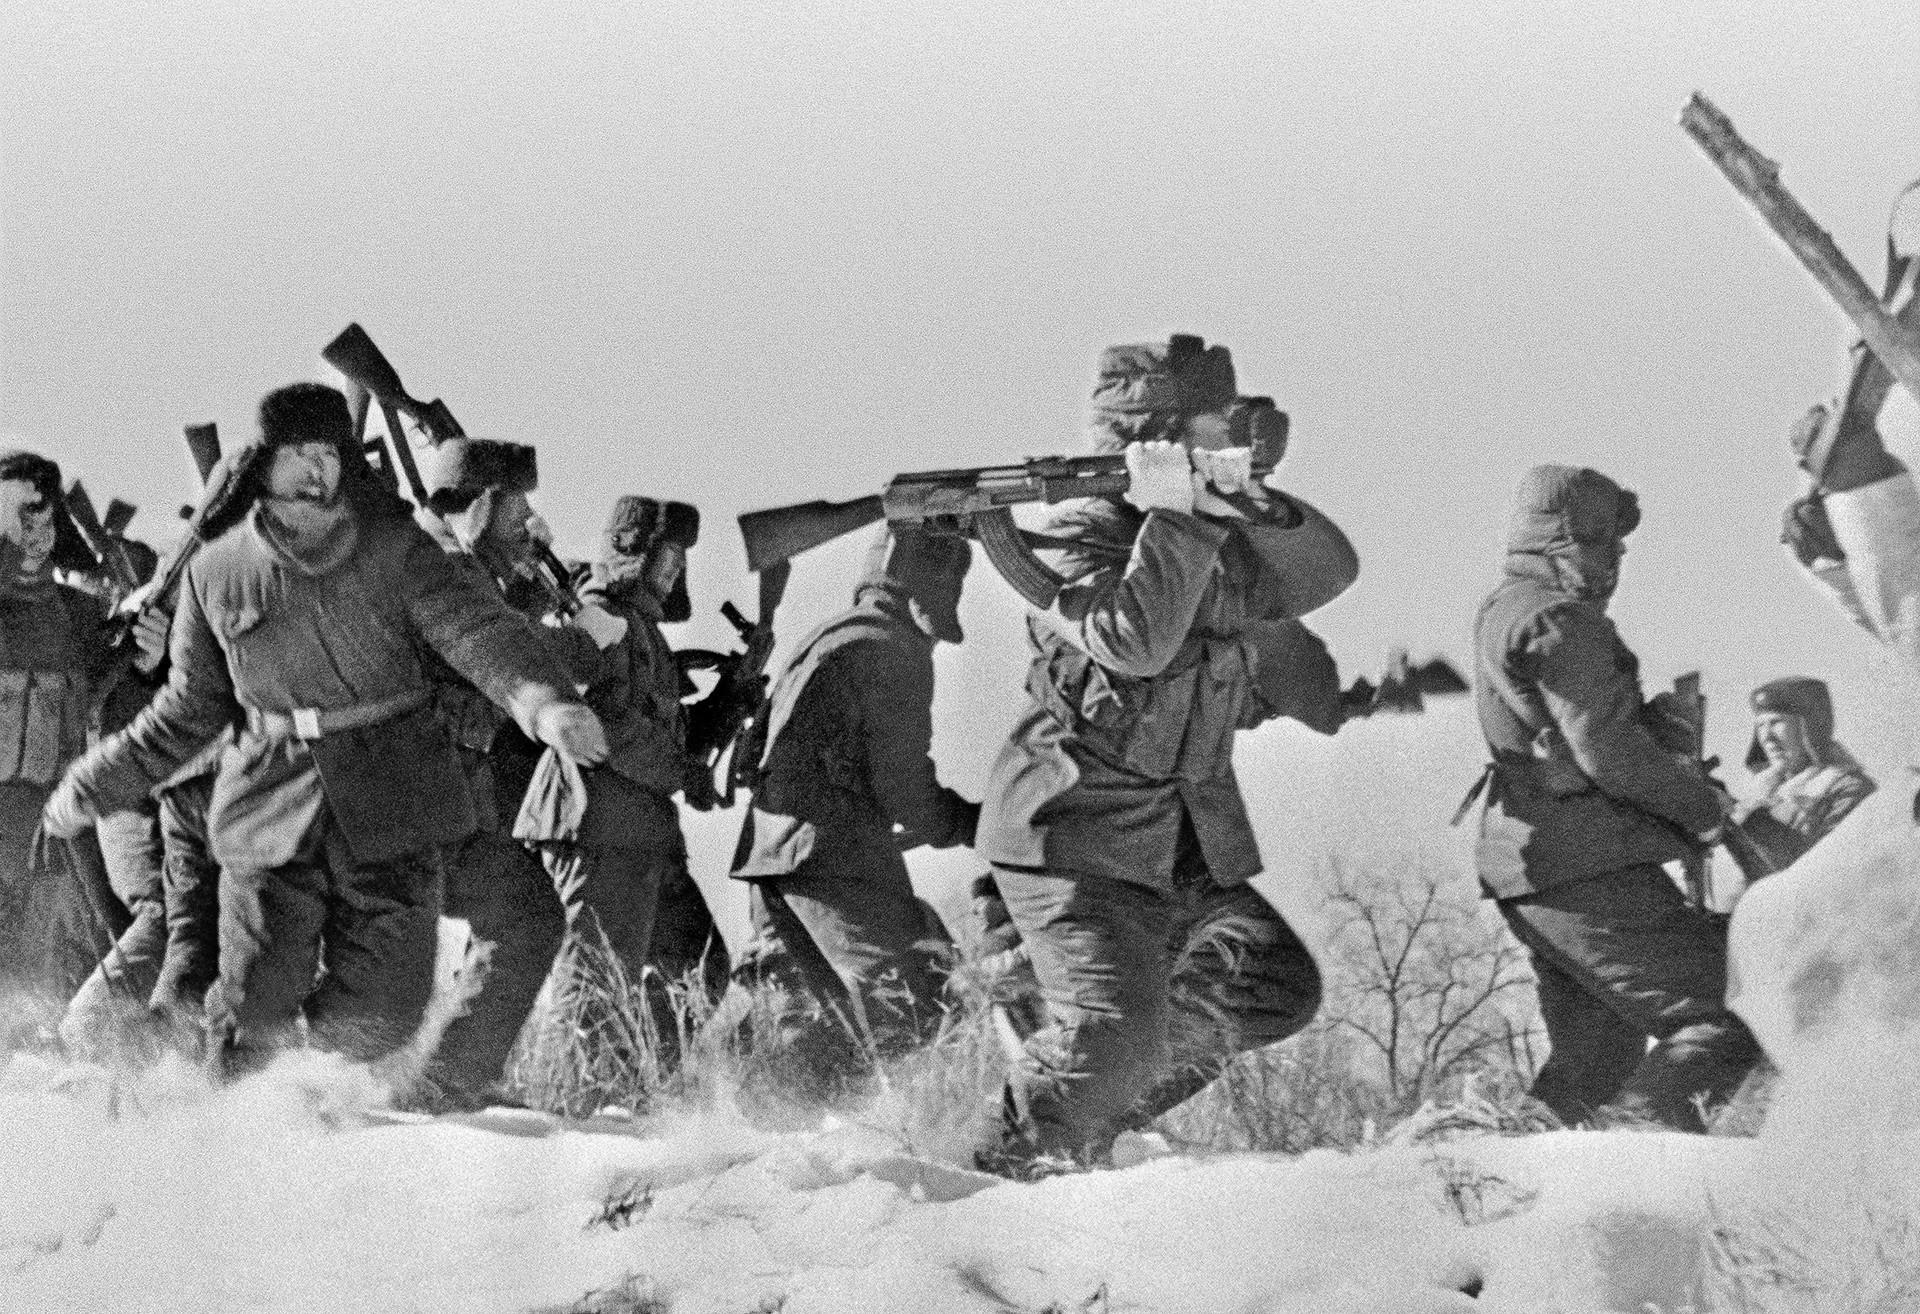 1969年の中ソ国境紛争。中国の部隊がソ連の領土であったダマンスキー島に侵入しようとしている。